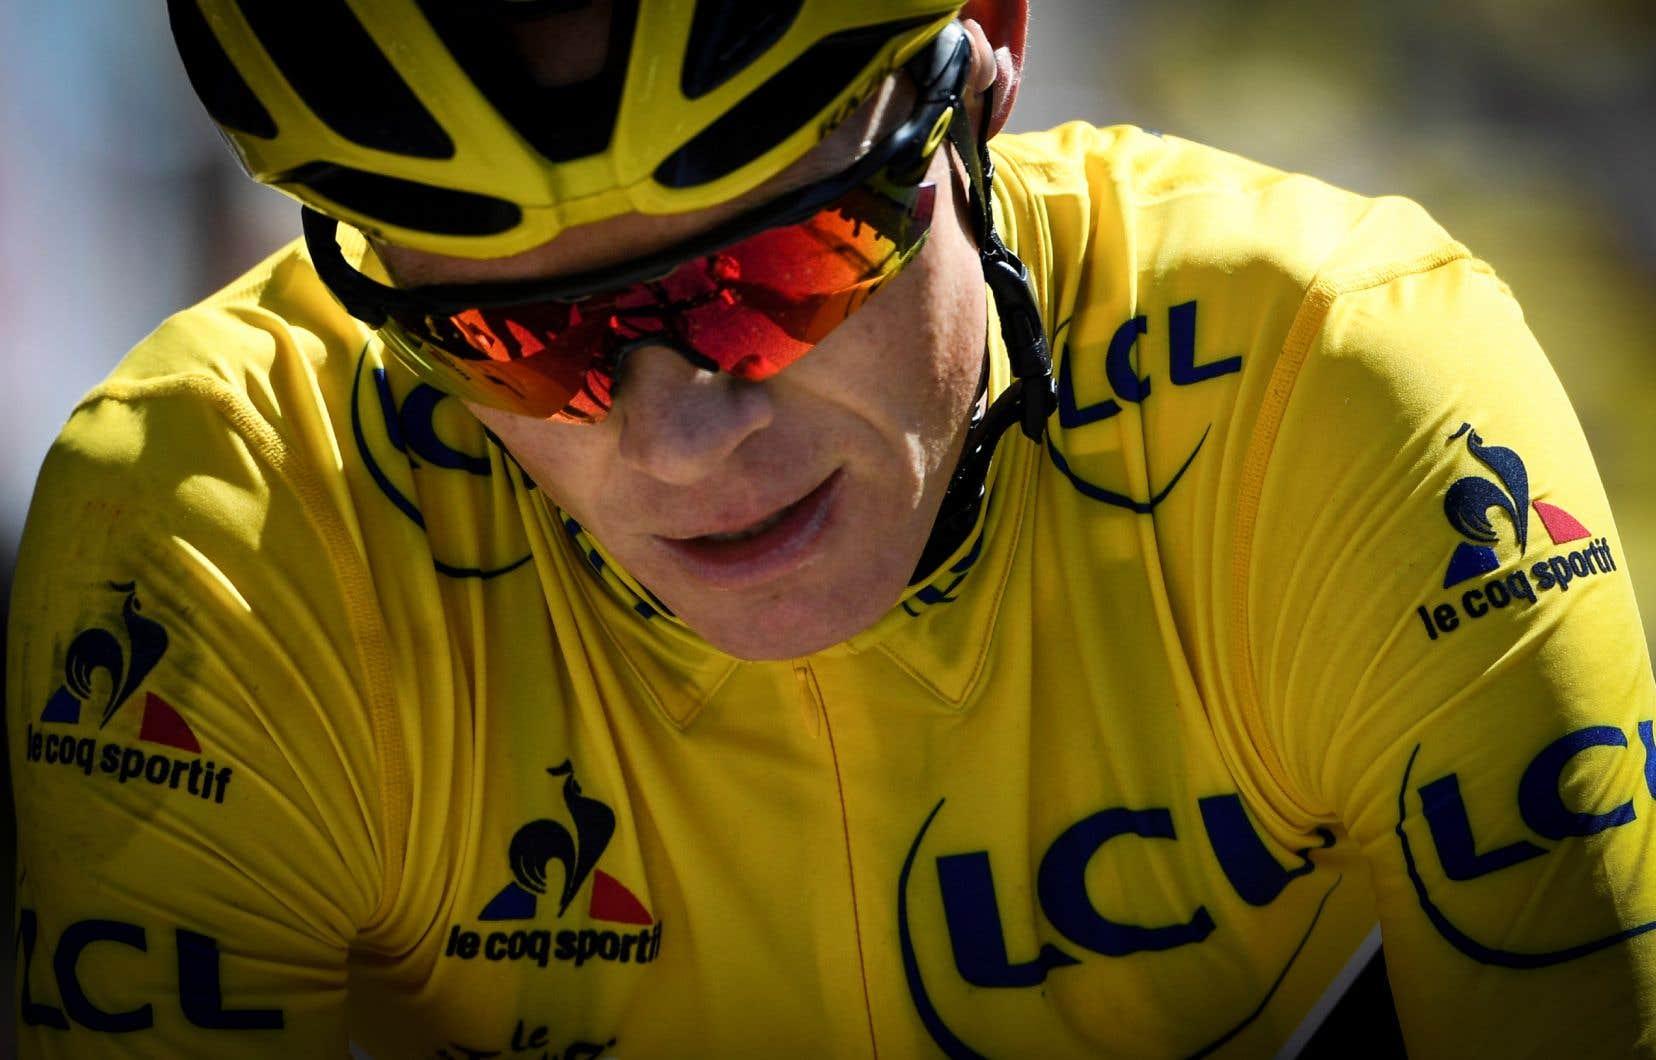 Froome a remporté son quatrième titre au Tour de France cette année et il a ensuite obtenu la victoire à la Vuelta.